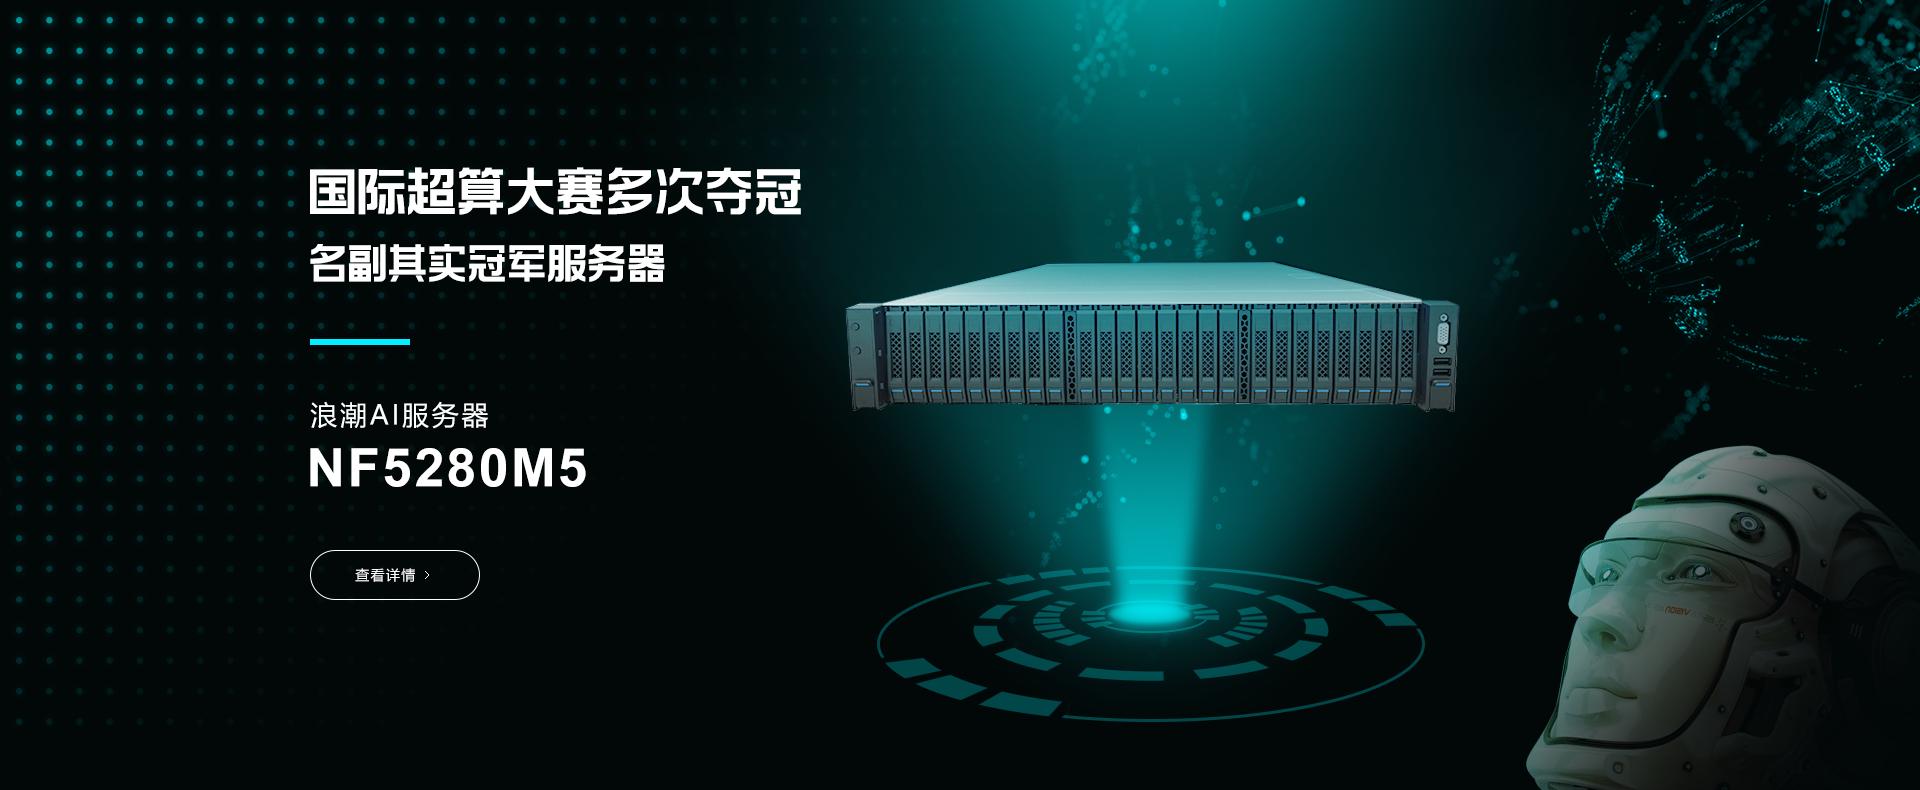 浪潮AI服务器NF5280M5